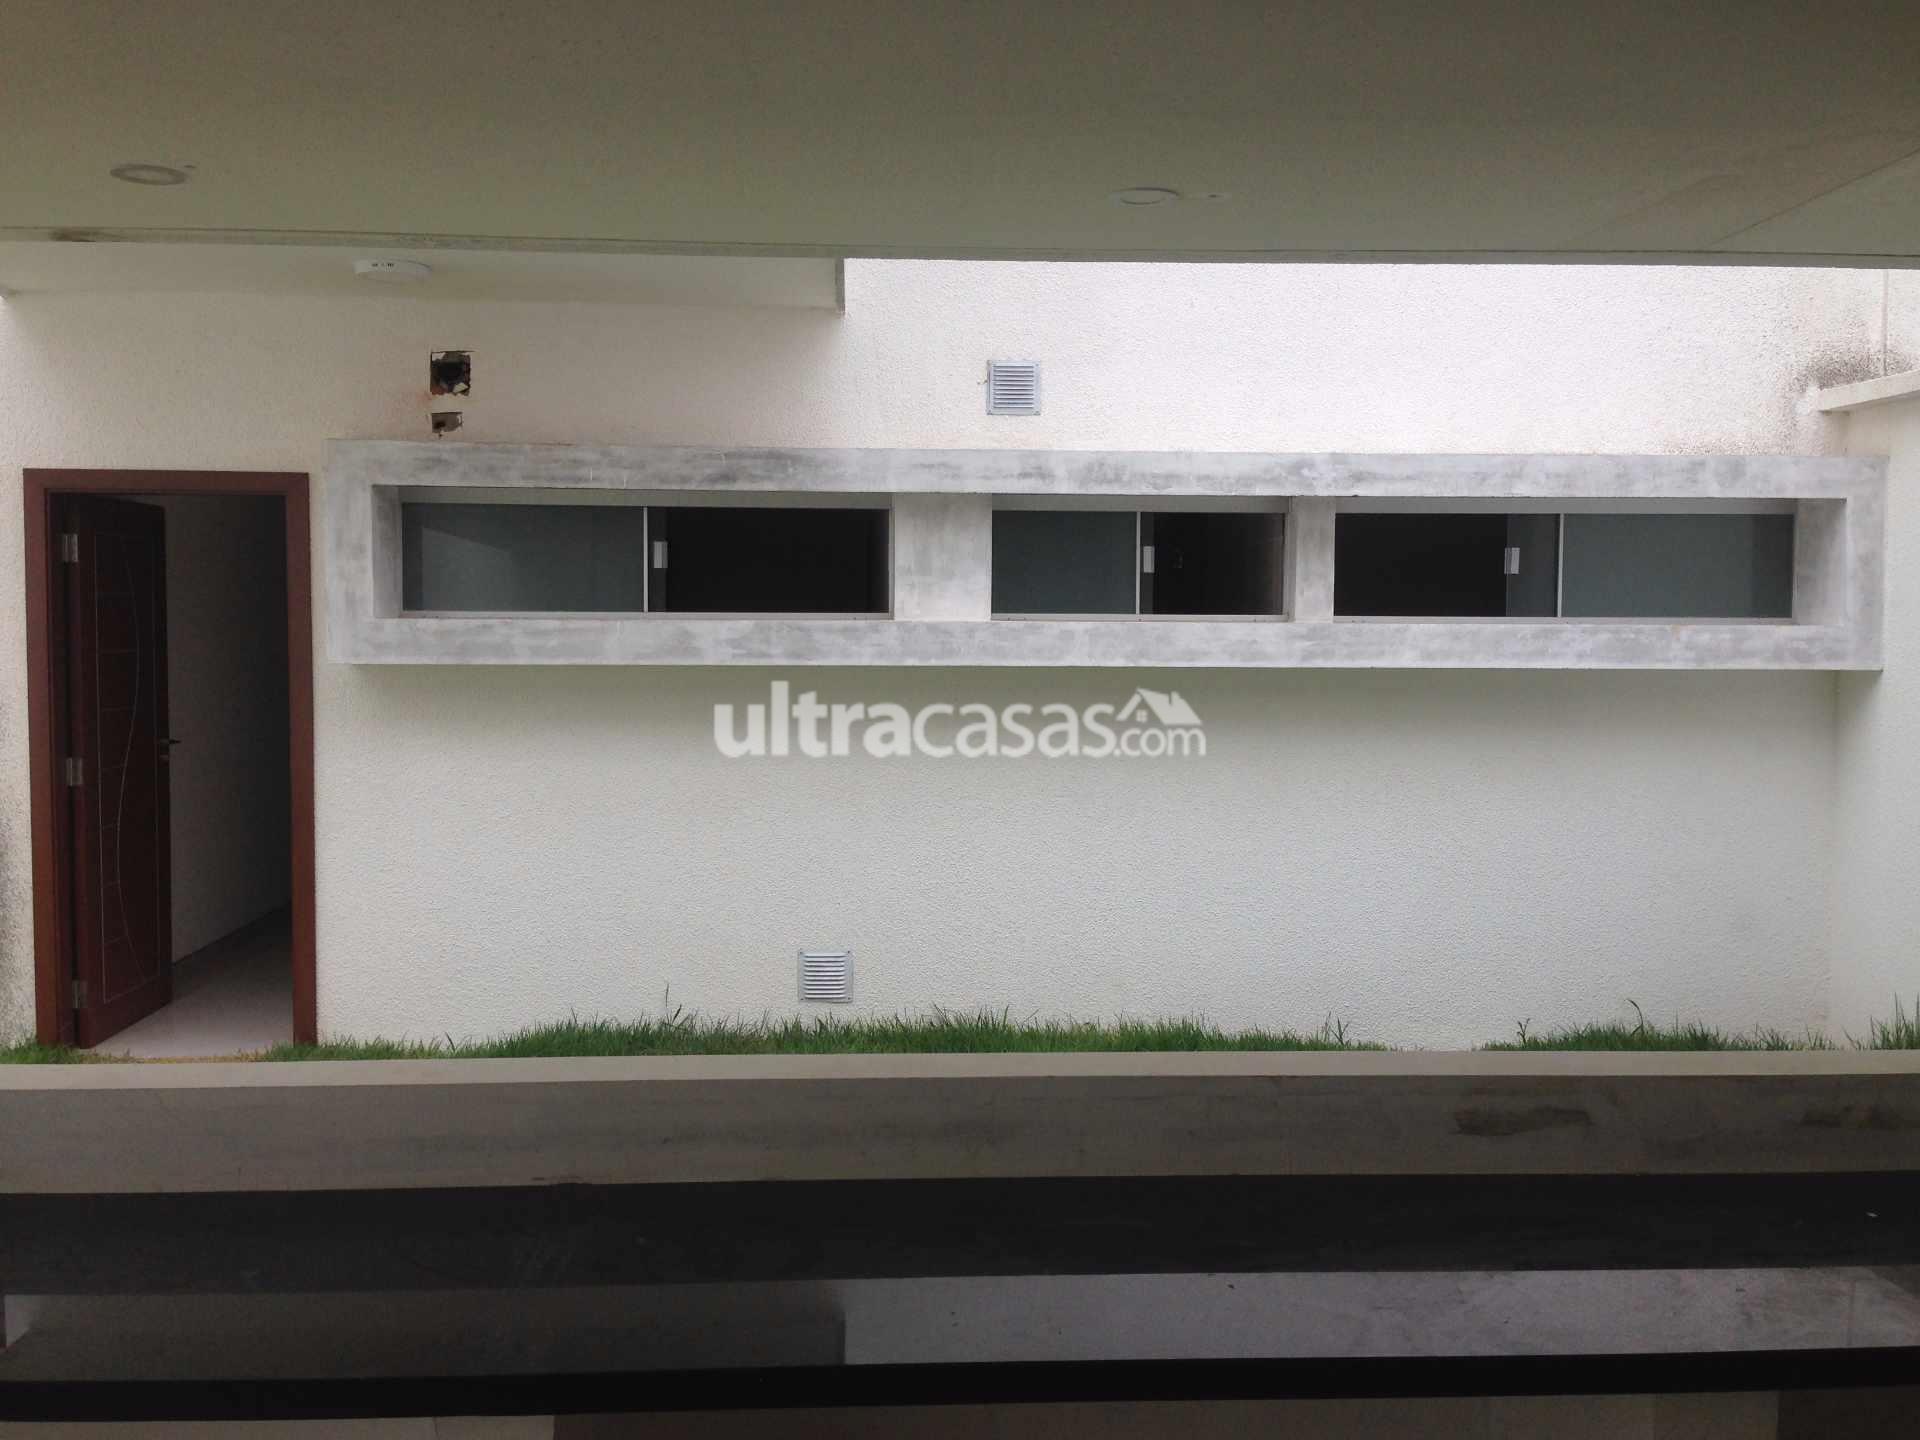 Casa en Venta Las Palmas, entre 3er y 4to anillo (1 cuadra de la Av. Piraí y a 4 cuadras del 4to Anillo) Foto 16